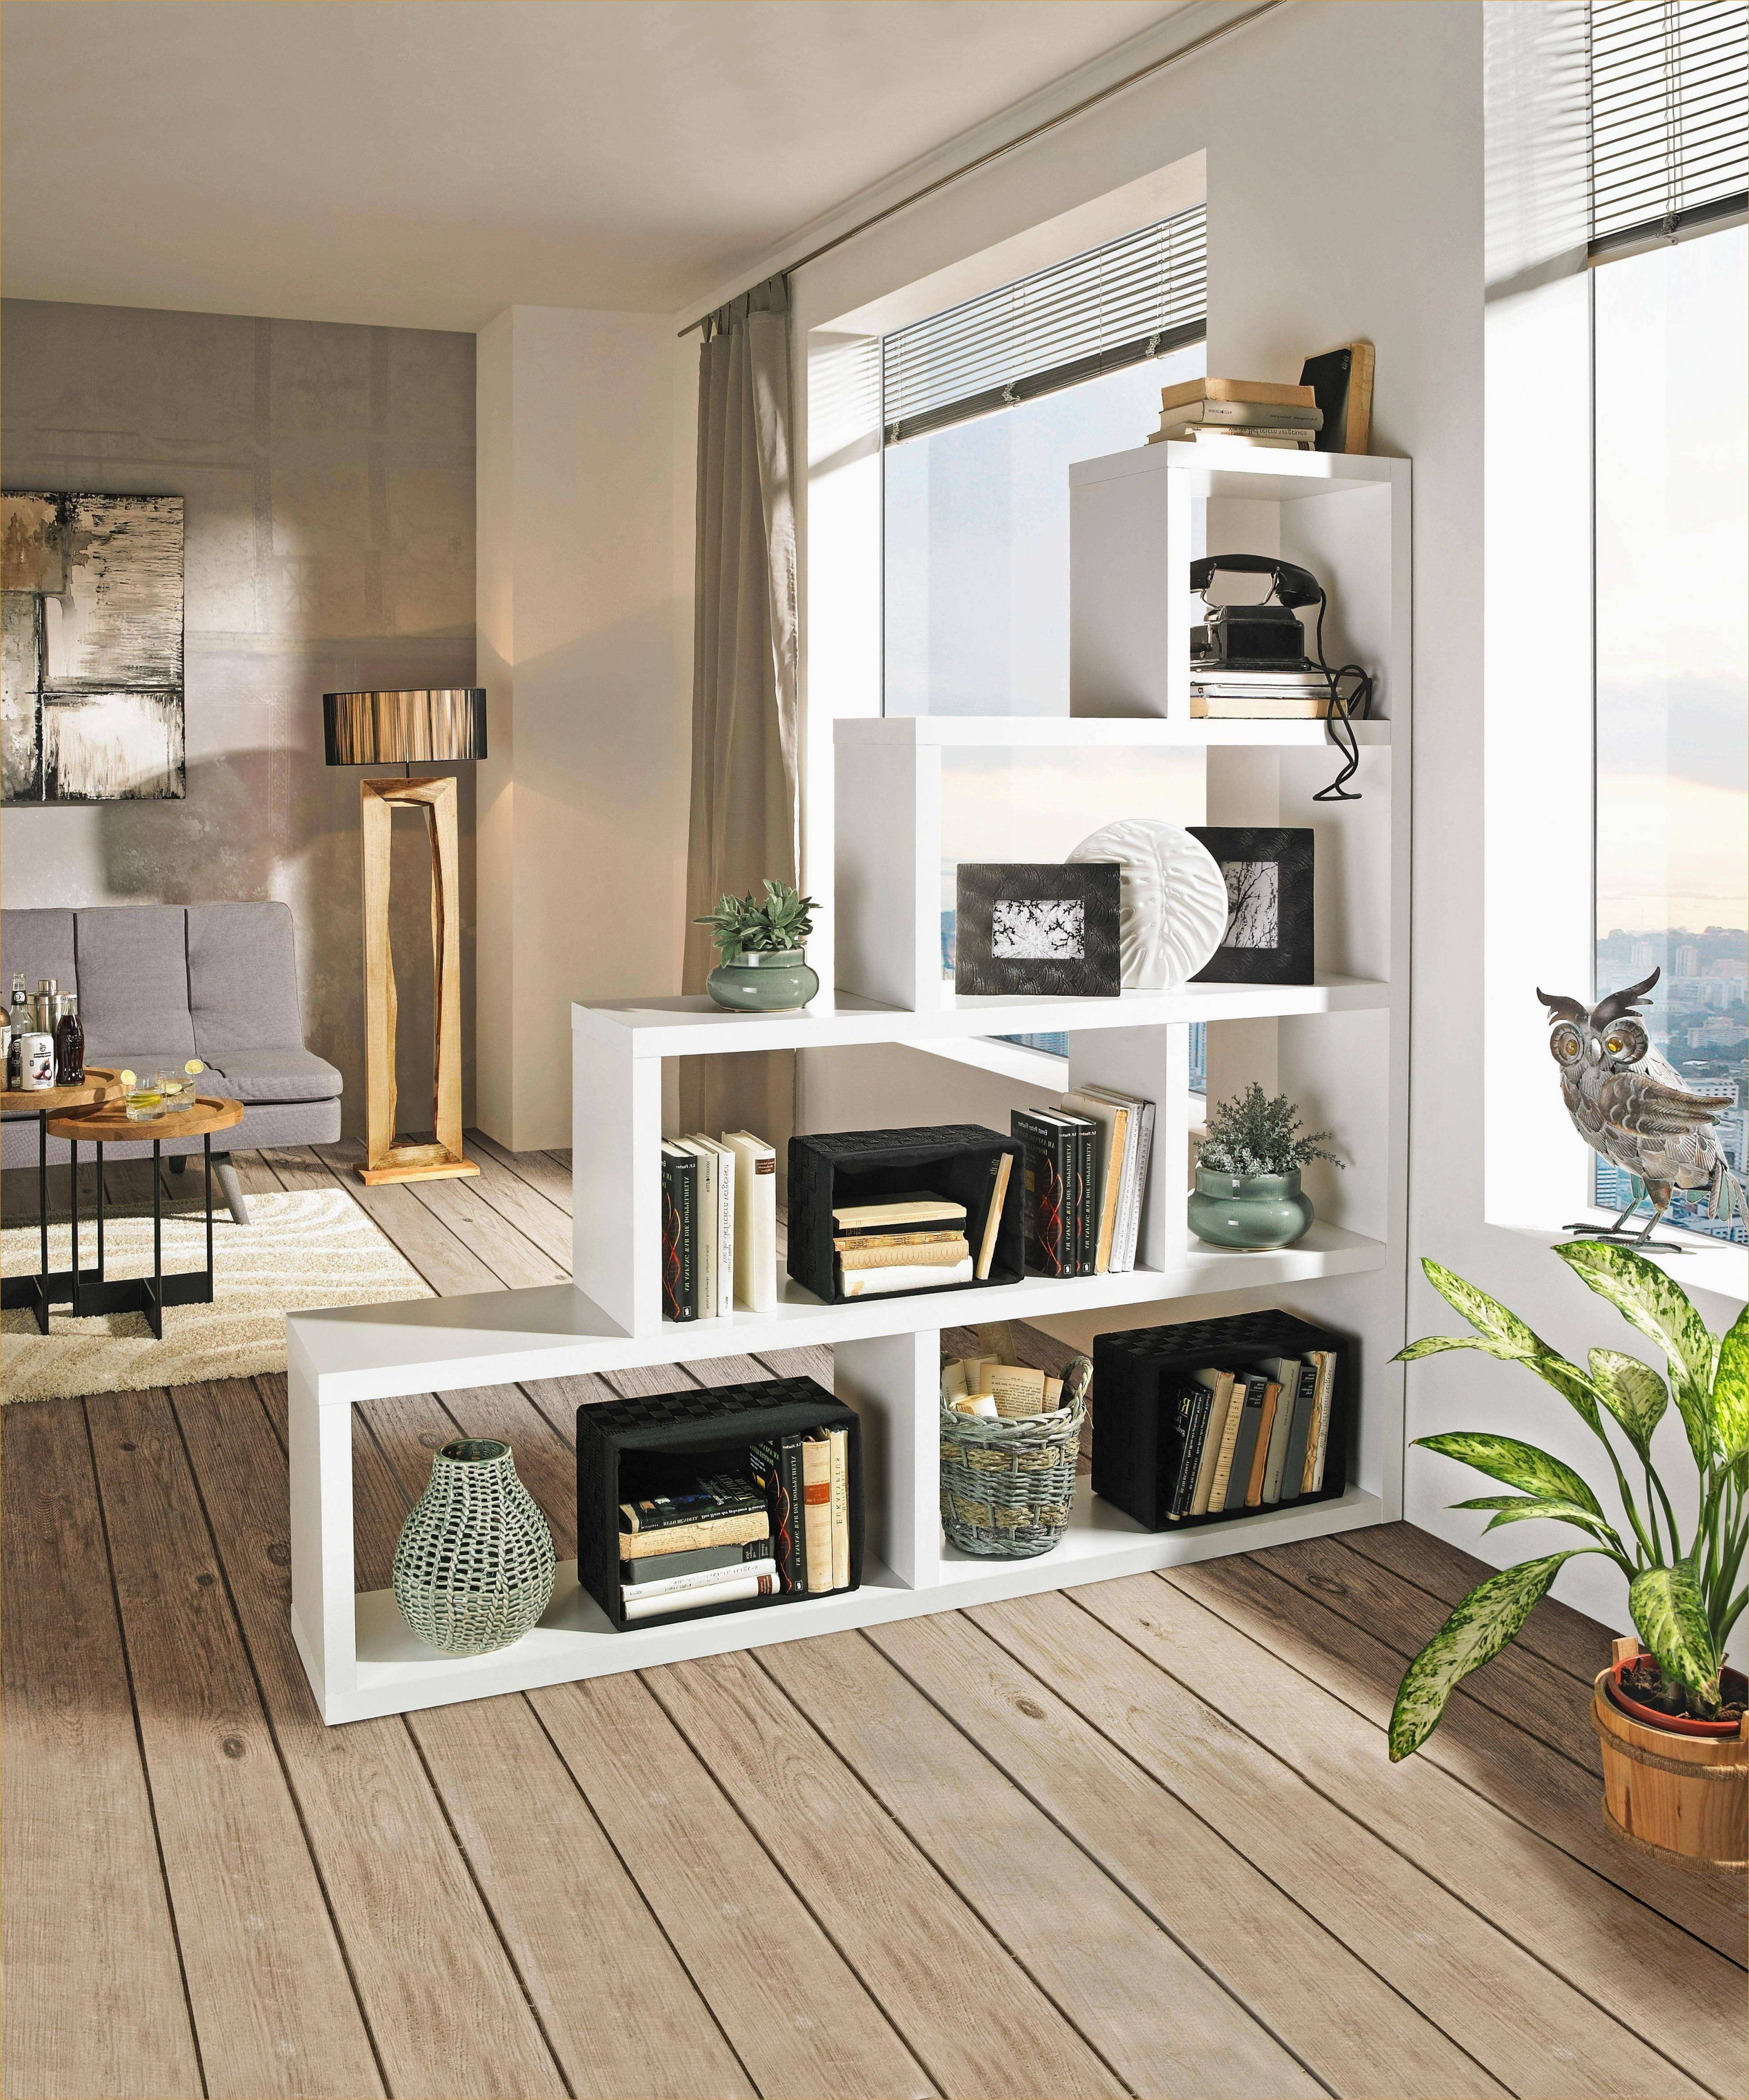 Trennwand Wohnzimmer Schlafzimmer – Caseconrad von Moderne Trennwände Wohnzimmer Photo